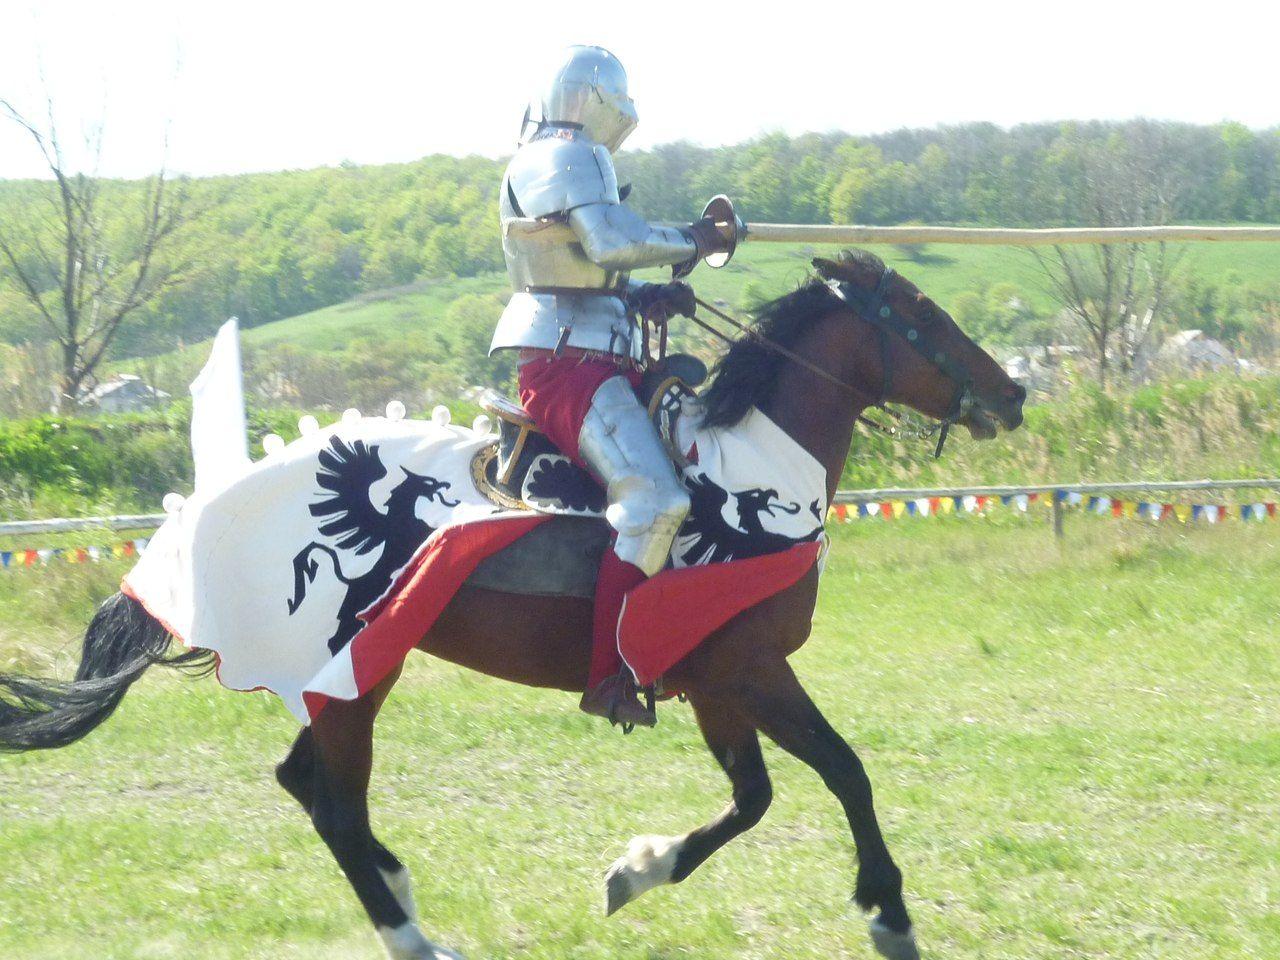 семинар по военному делу средневековья (1 по 4 Мая)   198 фотографий